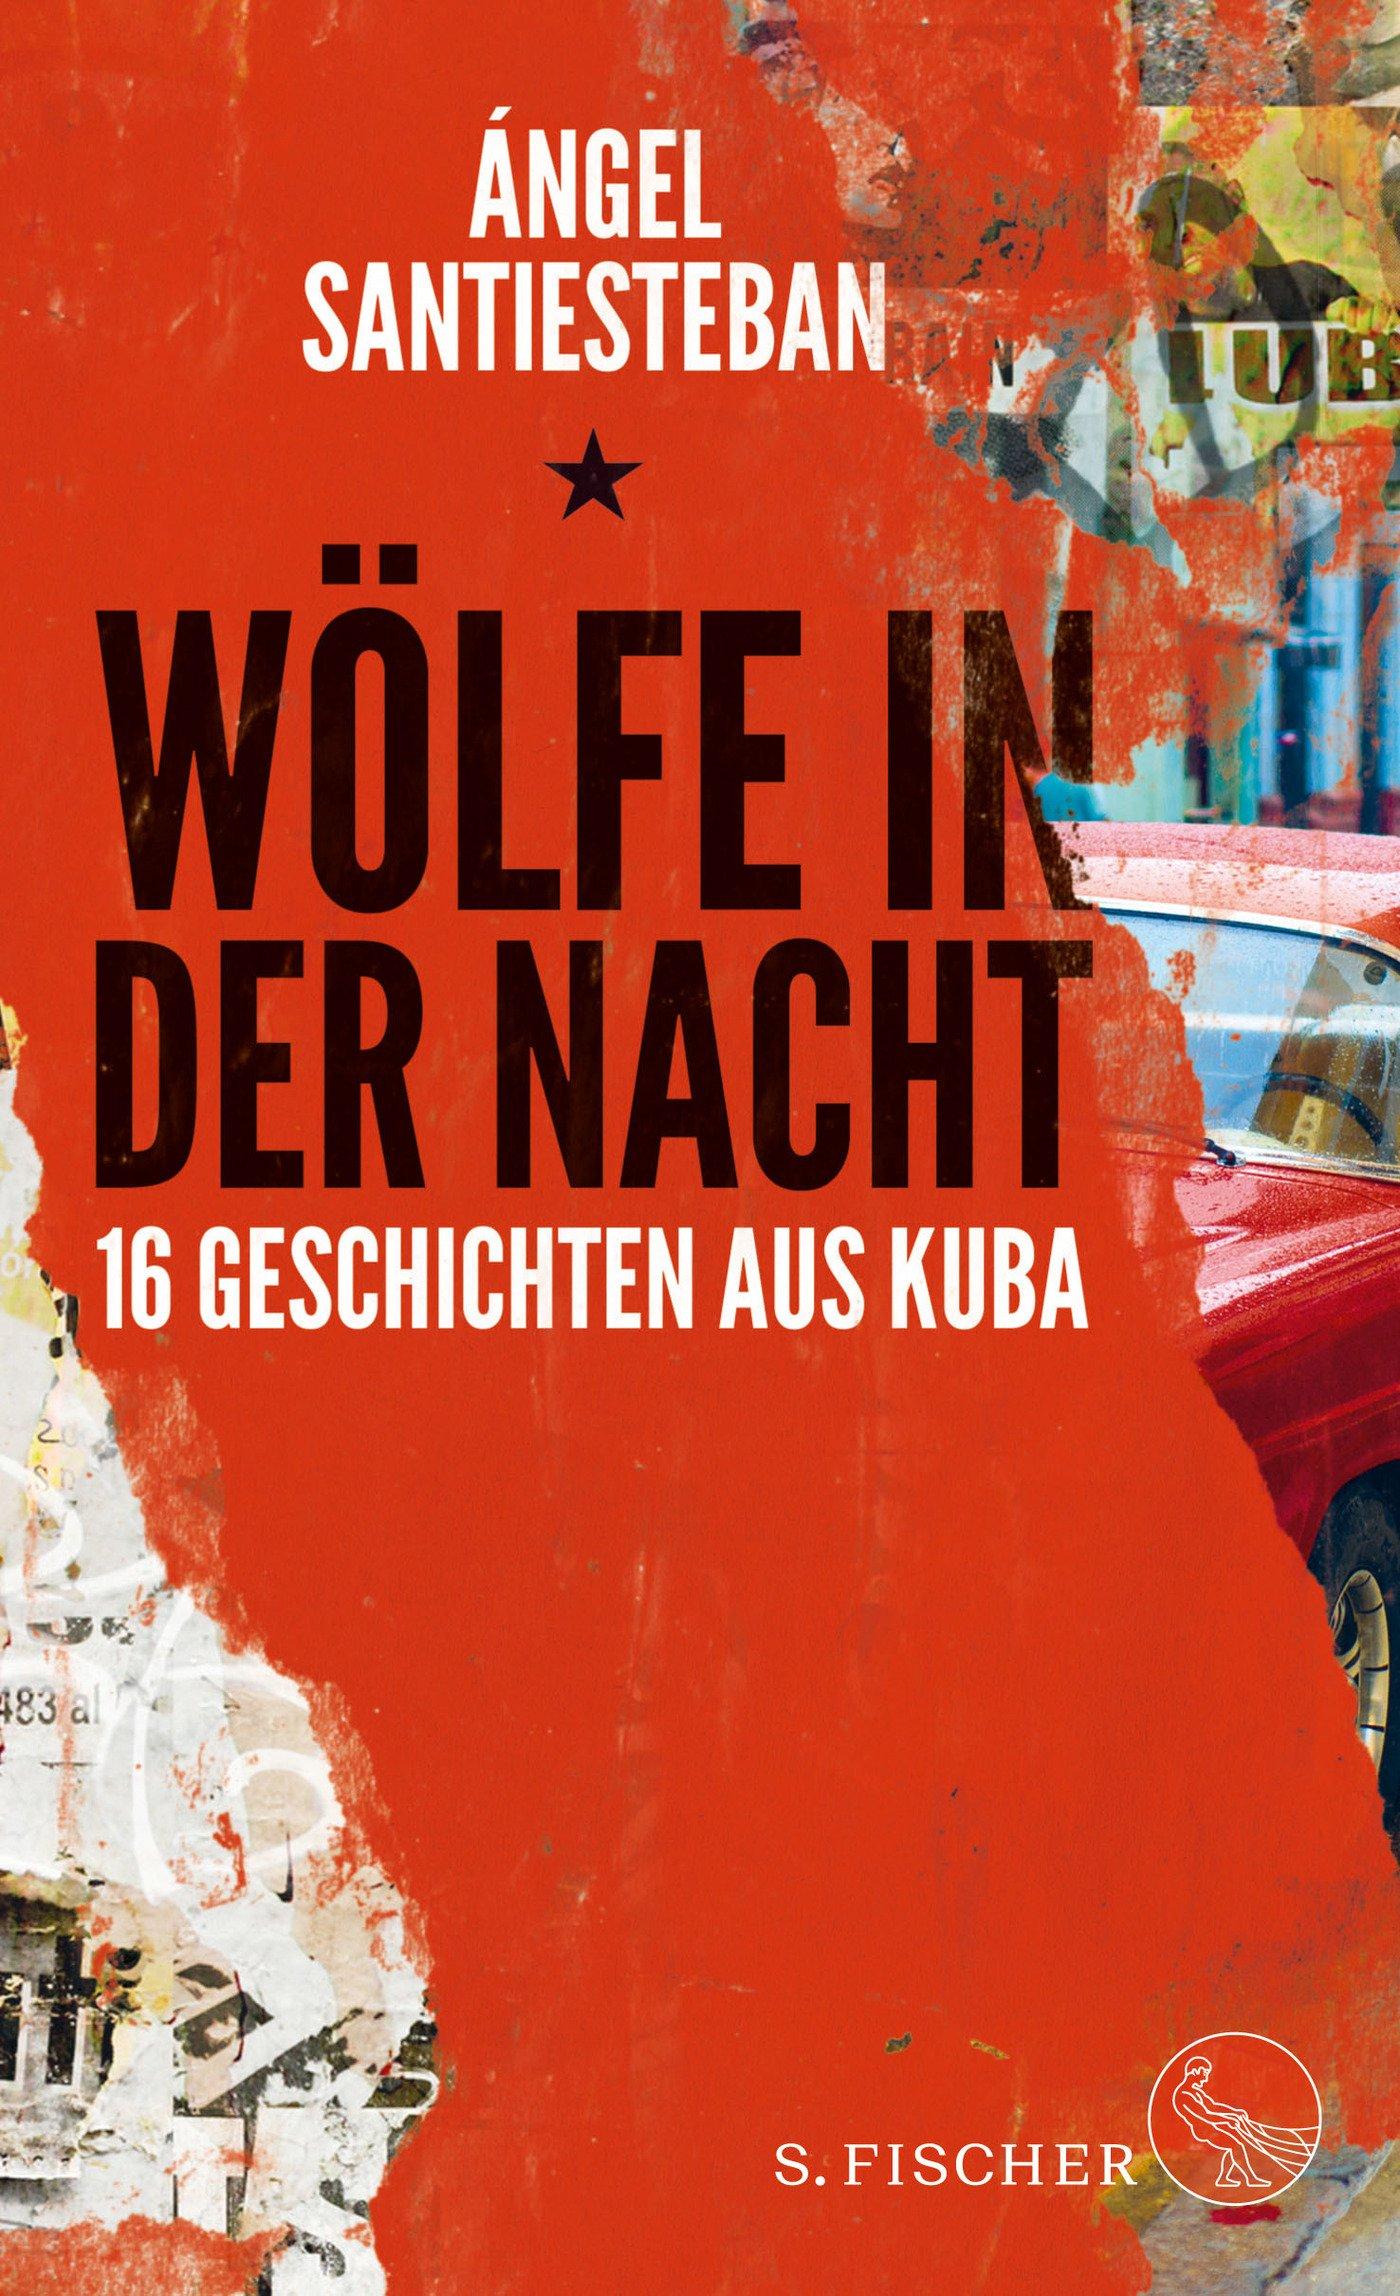 Wölfe in der Nacht: 16 Geschichten aus Kuba Gebundenes Buch – 26. Oktober 2017 Ángel Santiesteban Thomas Brovot S. FISCHER 310397308X